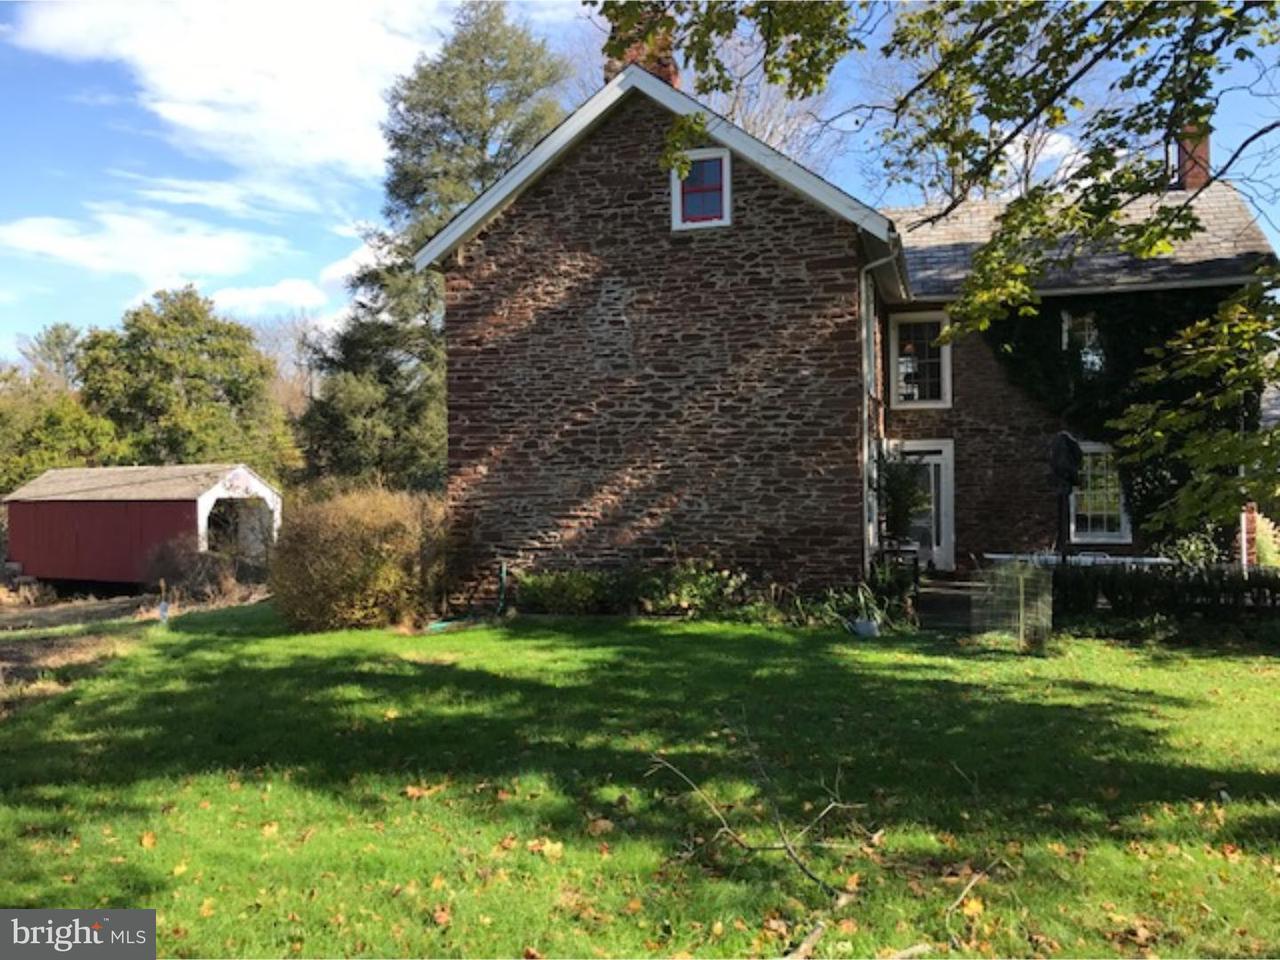 Maison unifamiliale pour l Vente à 85 GEIGEL HILL Road Erwinna, Pennsylvanie 18920 États-Unis